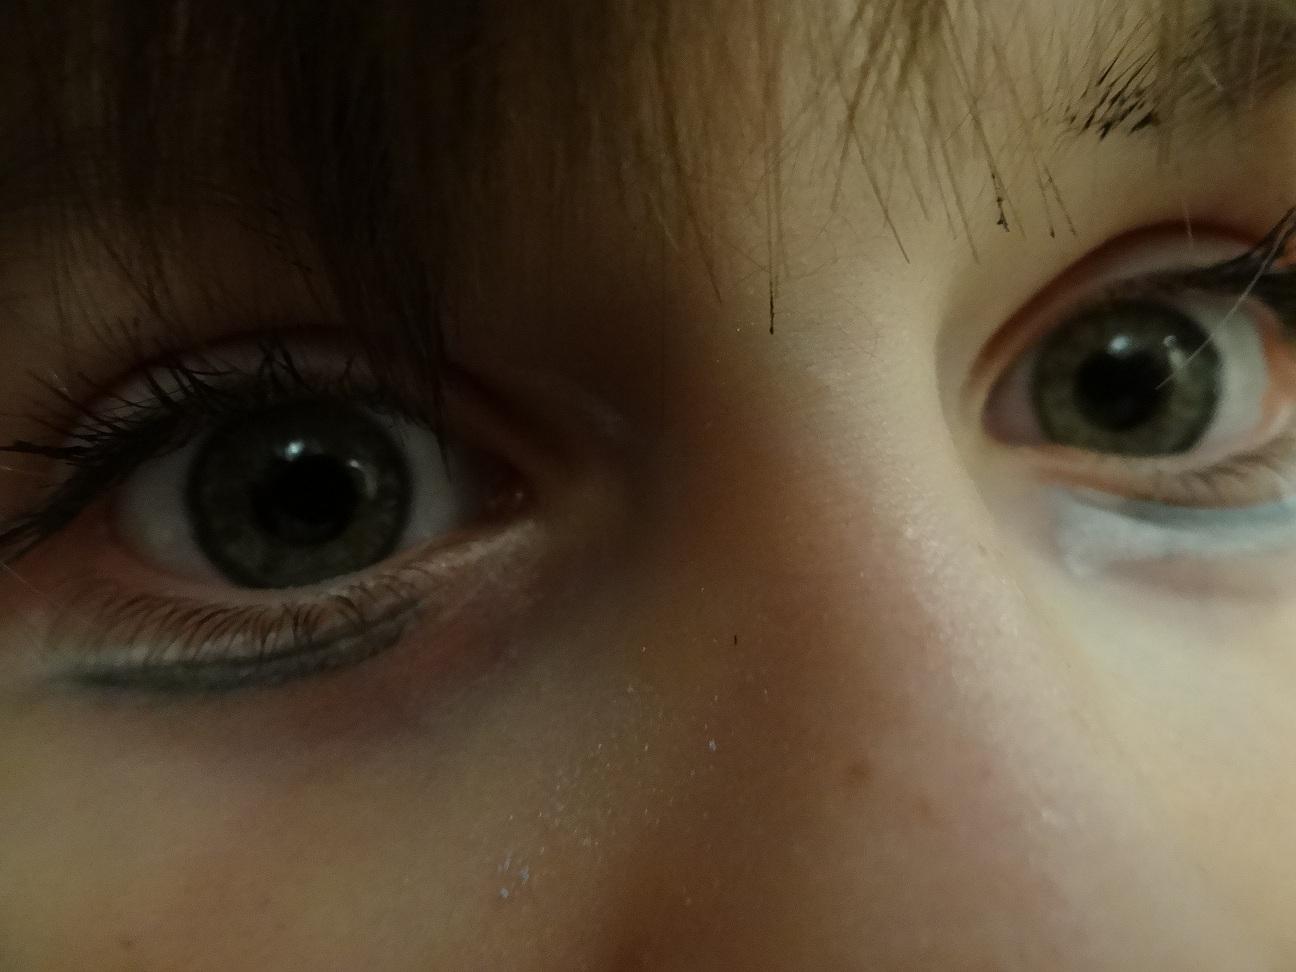 umalowane oczy dziewczynki